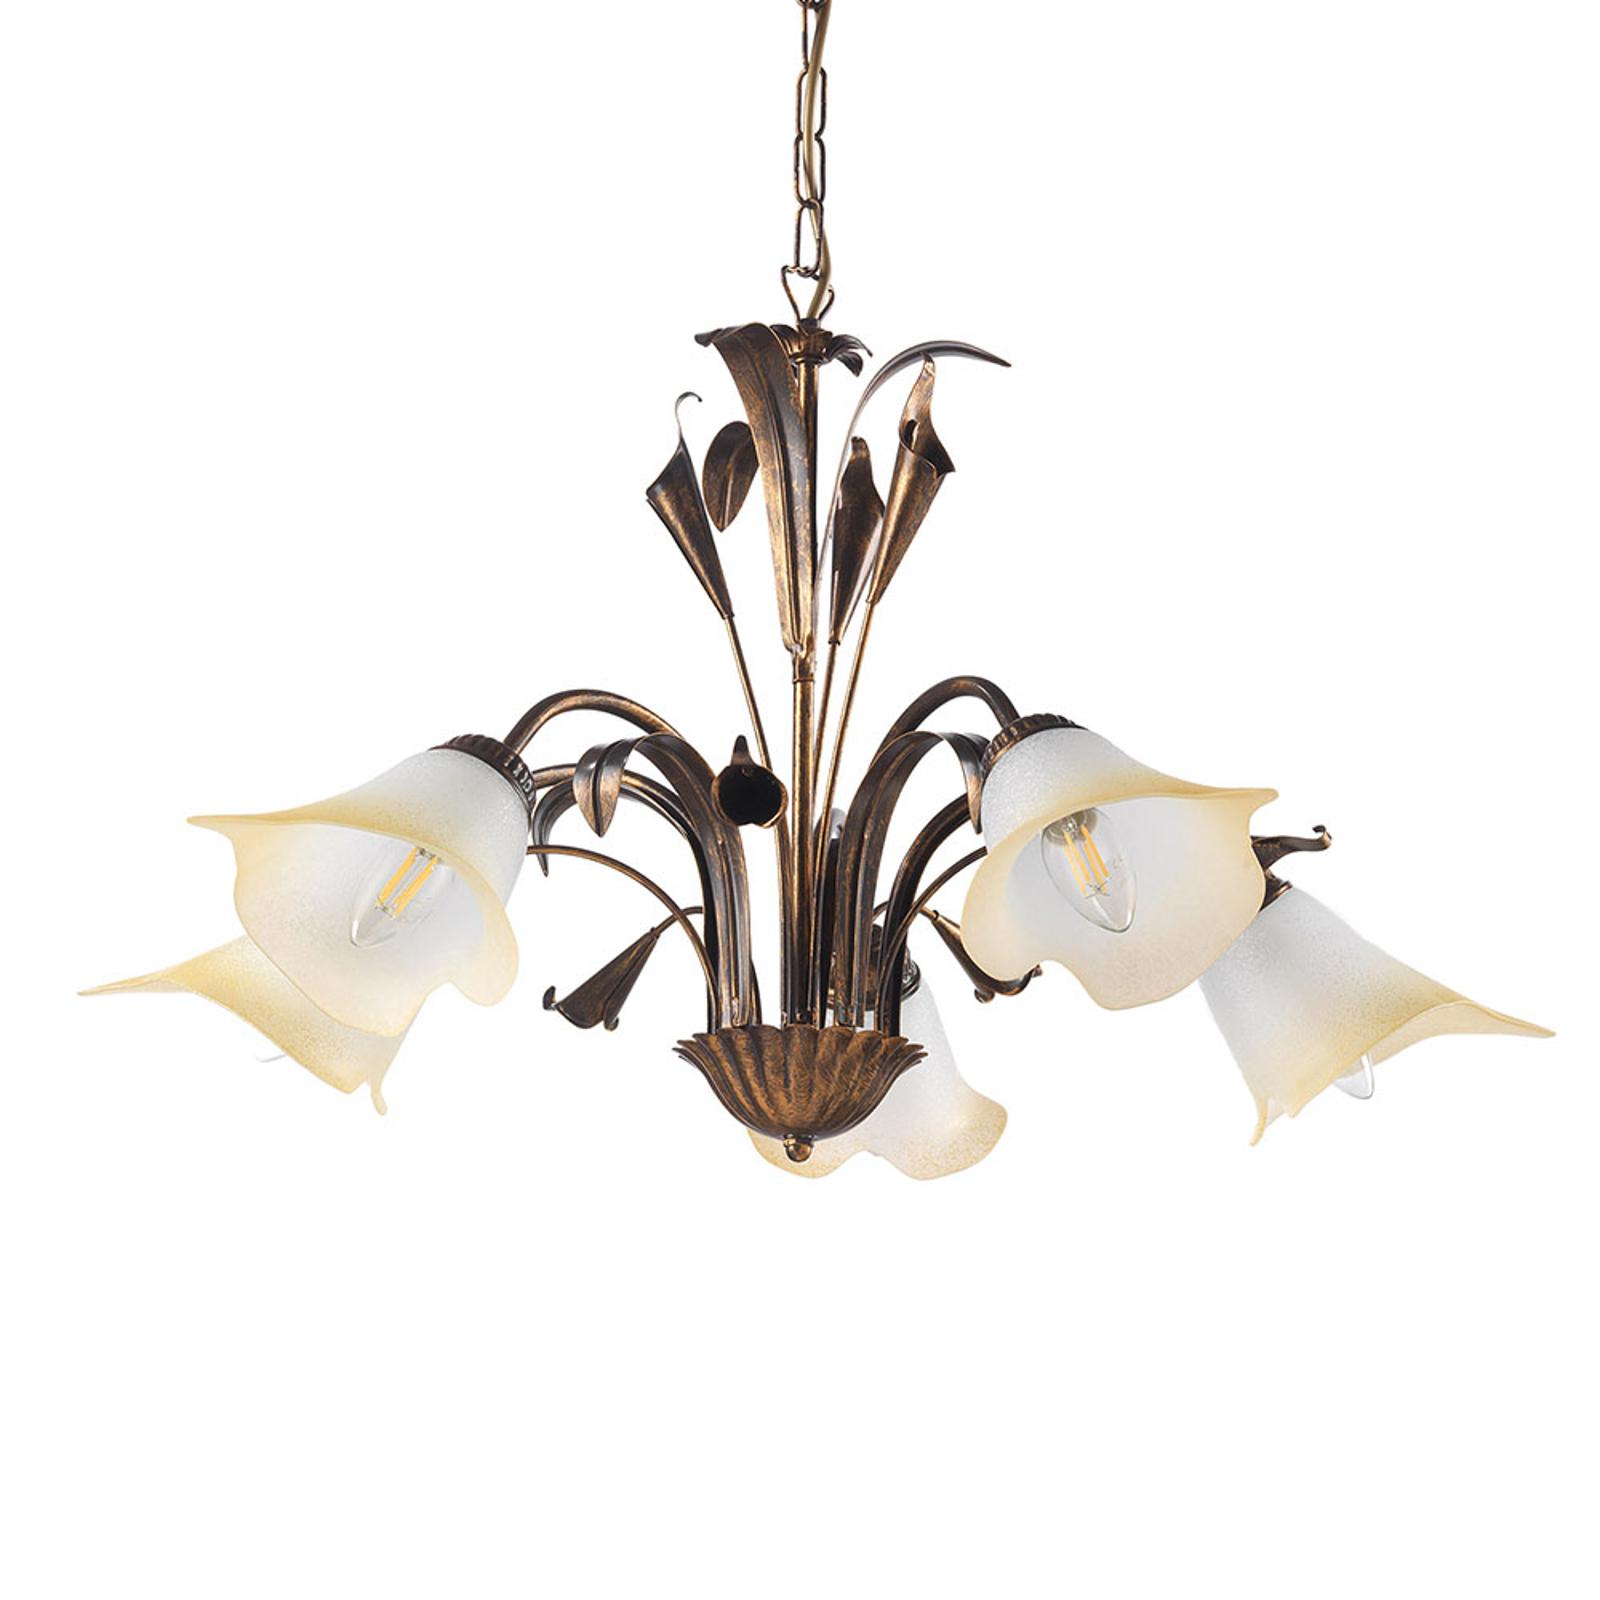 Hanglamp Lucrezia 5-lamps, brons